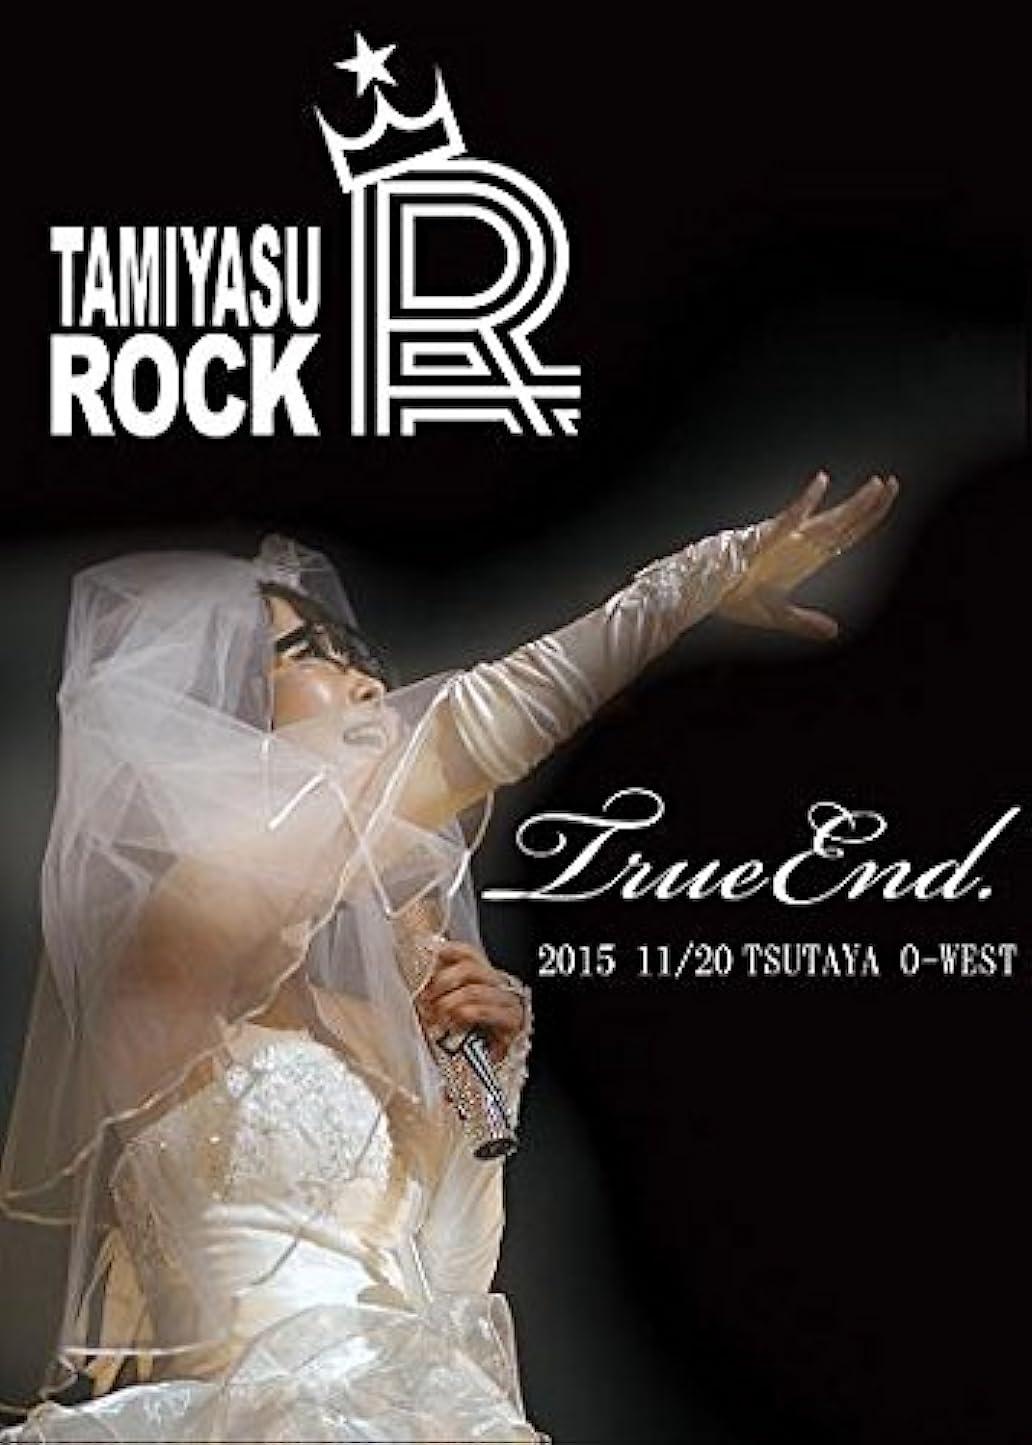 瞑想的クルーズコールドラストライブDVD「民安★ROCK True End.」(DVD-VIDEO)【先着購入特典:サイン入りイラストカード付き】